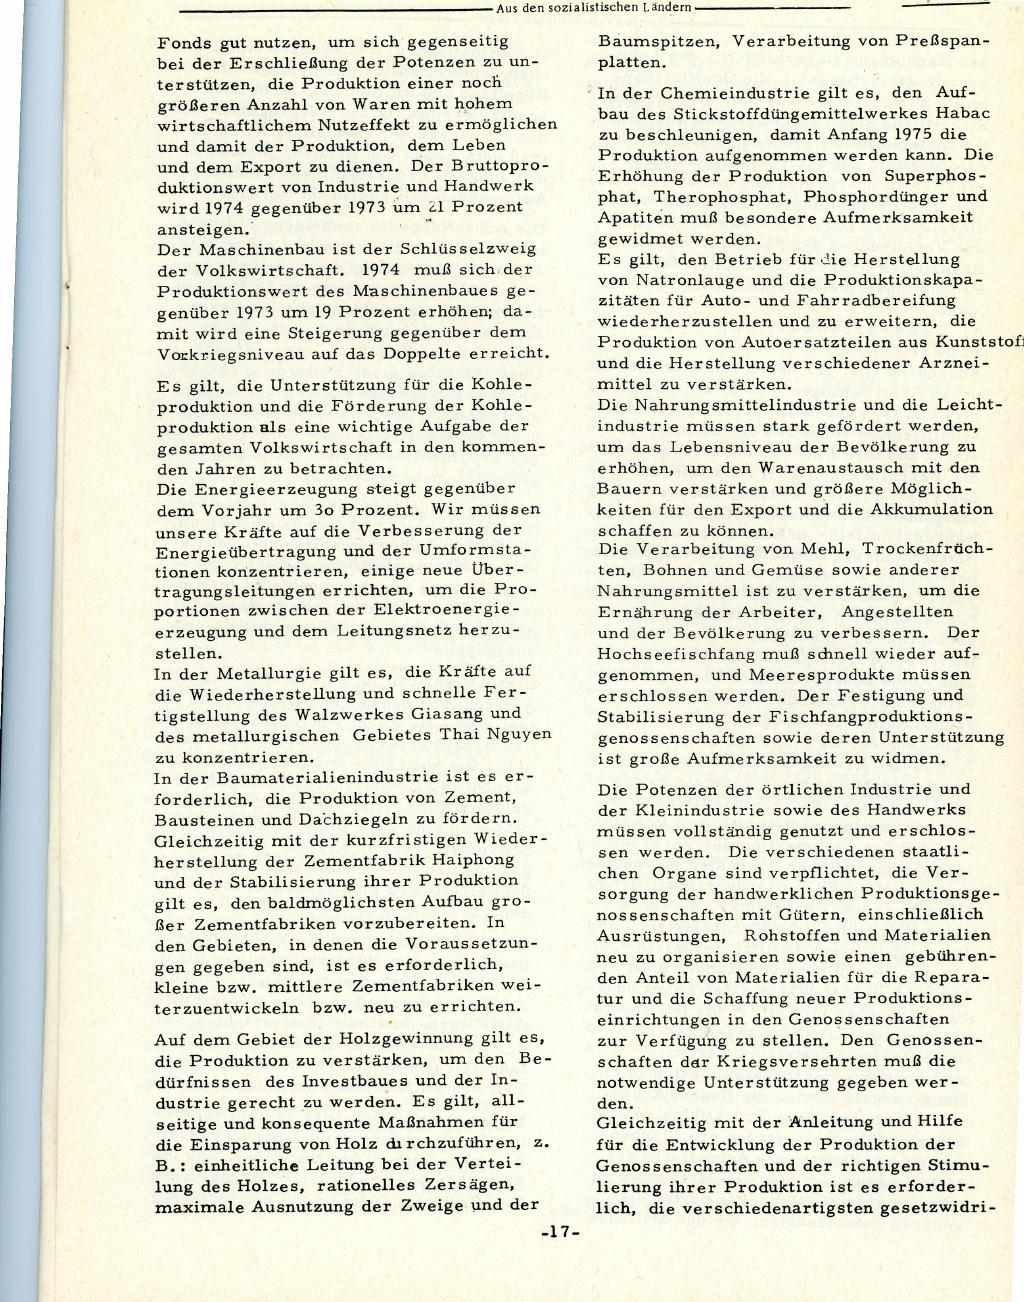 RPK_1974_24_25_17